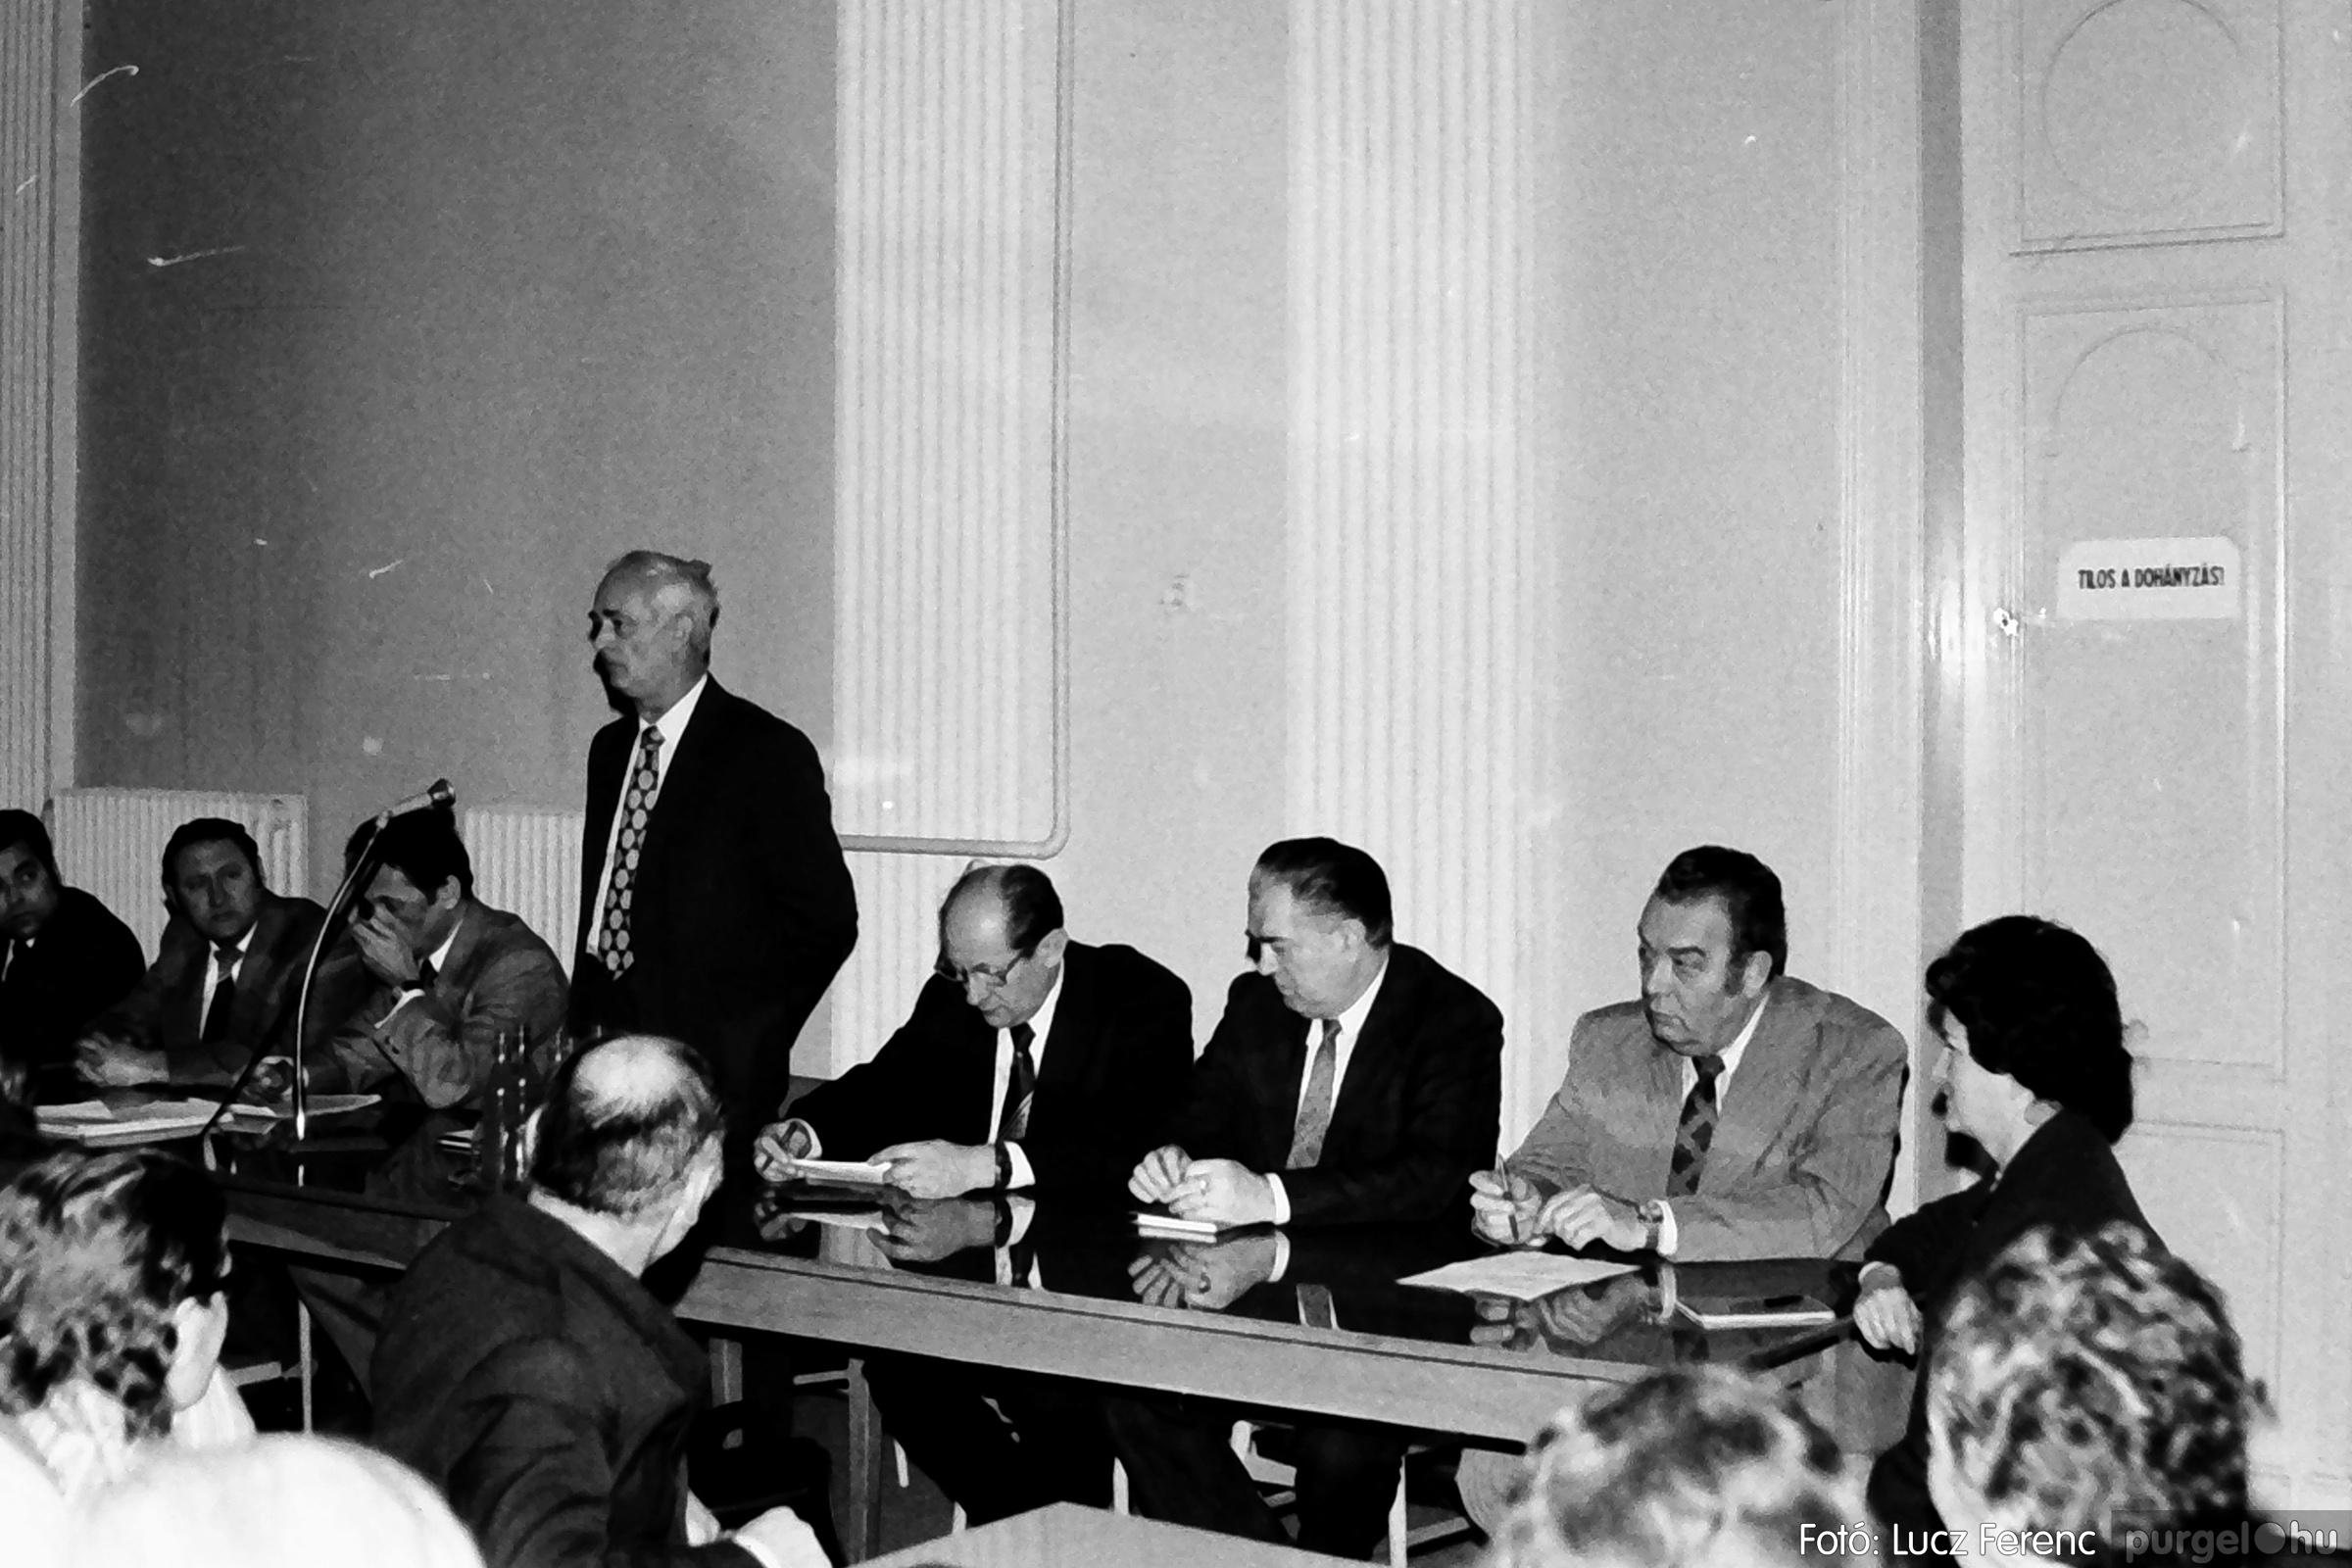 072. 1977. ÁFÉSZ küldöttgyűlés a szentesi megyeházban 001. - Fotó: Lucz Ferenc.jpg